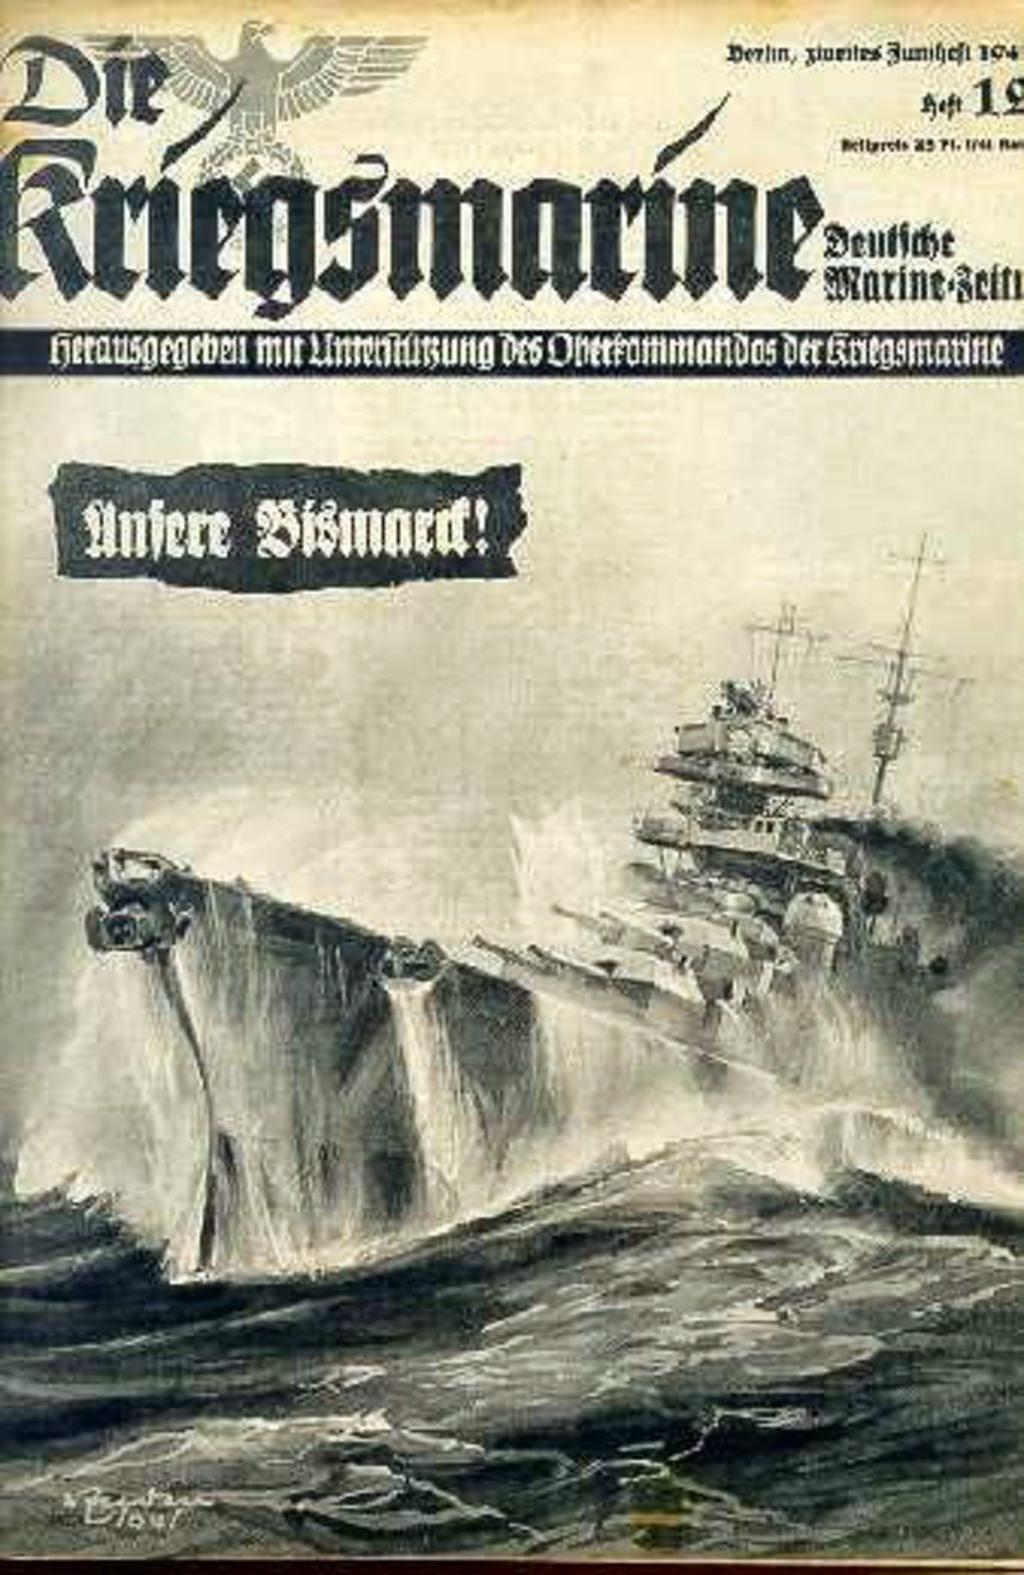 Portada de la revista Die Kriegsmarine, mostrando una épica imagen del acorazado Bismarck